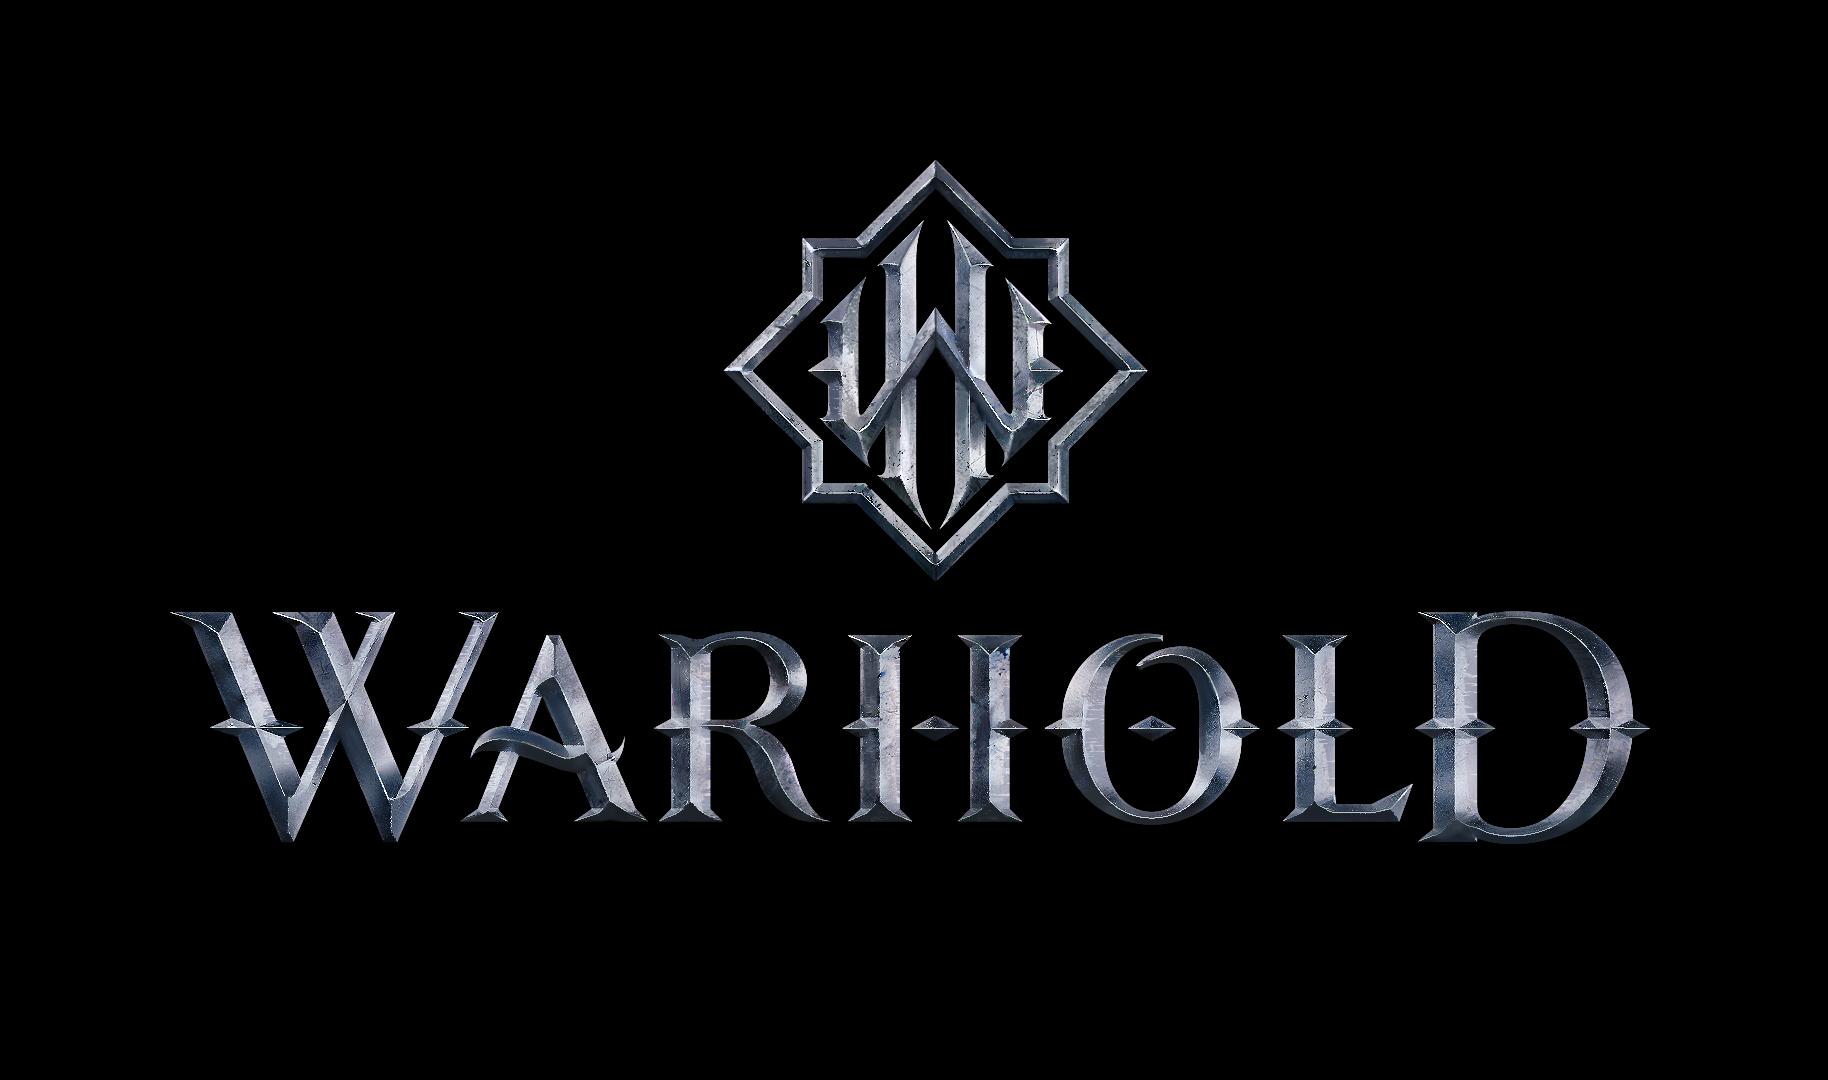 logo1 metal